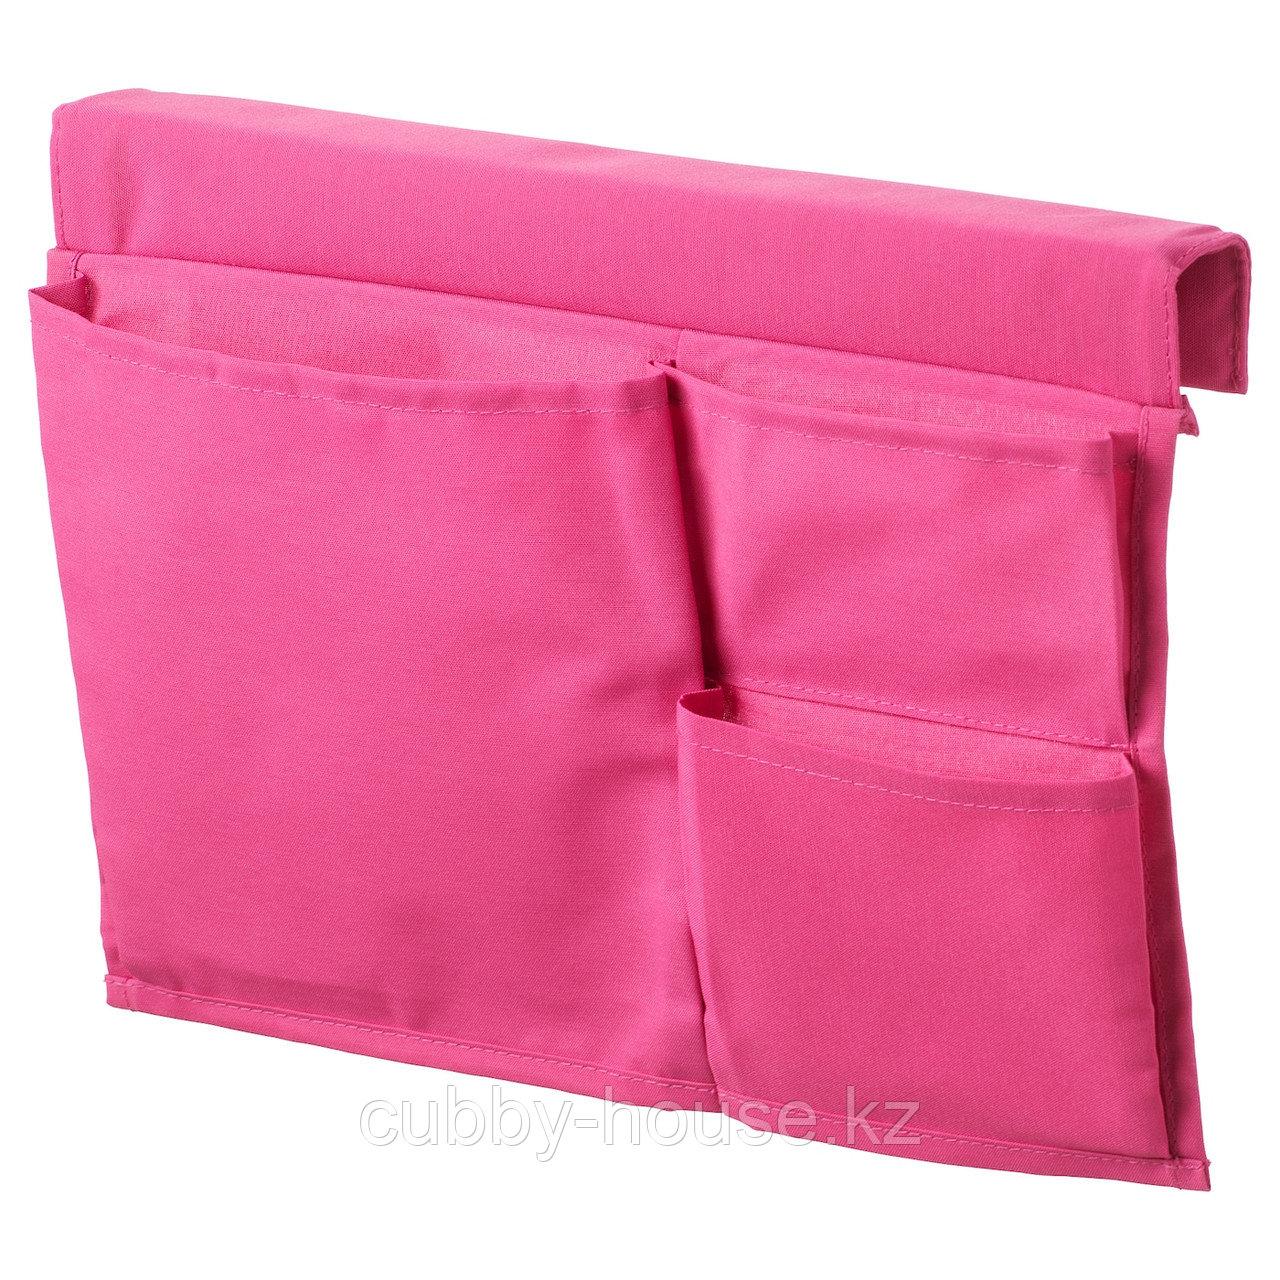 СТИККАТ Карман д/кровати, розовый, 39x30 см